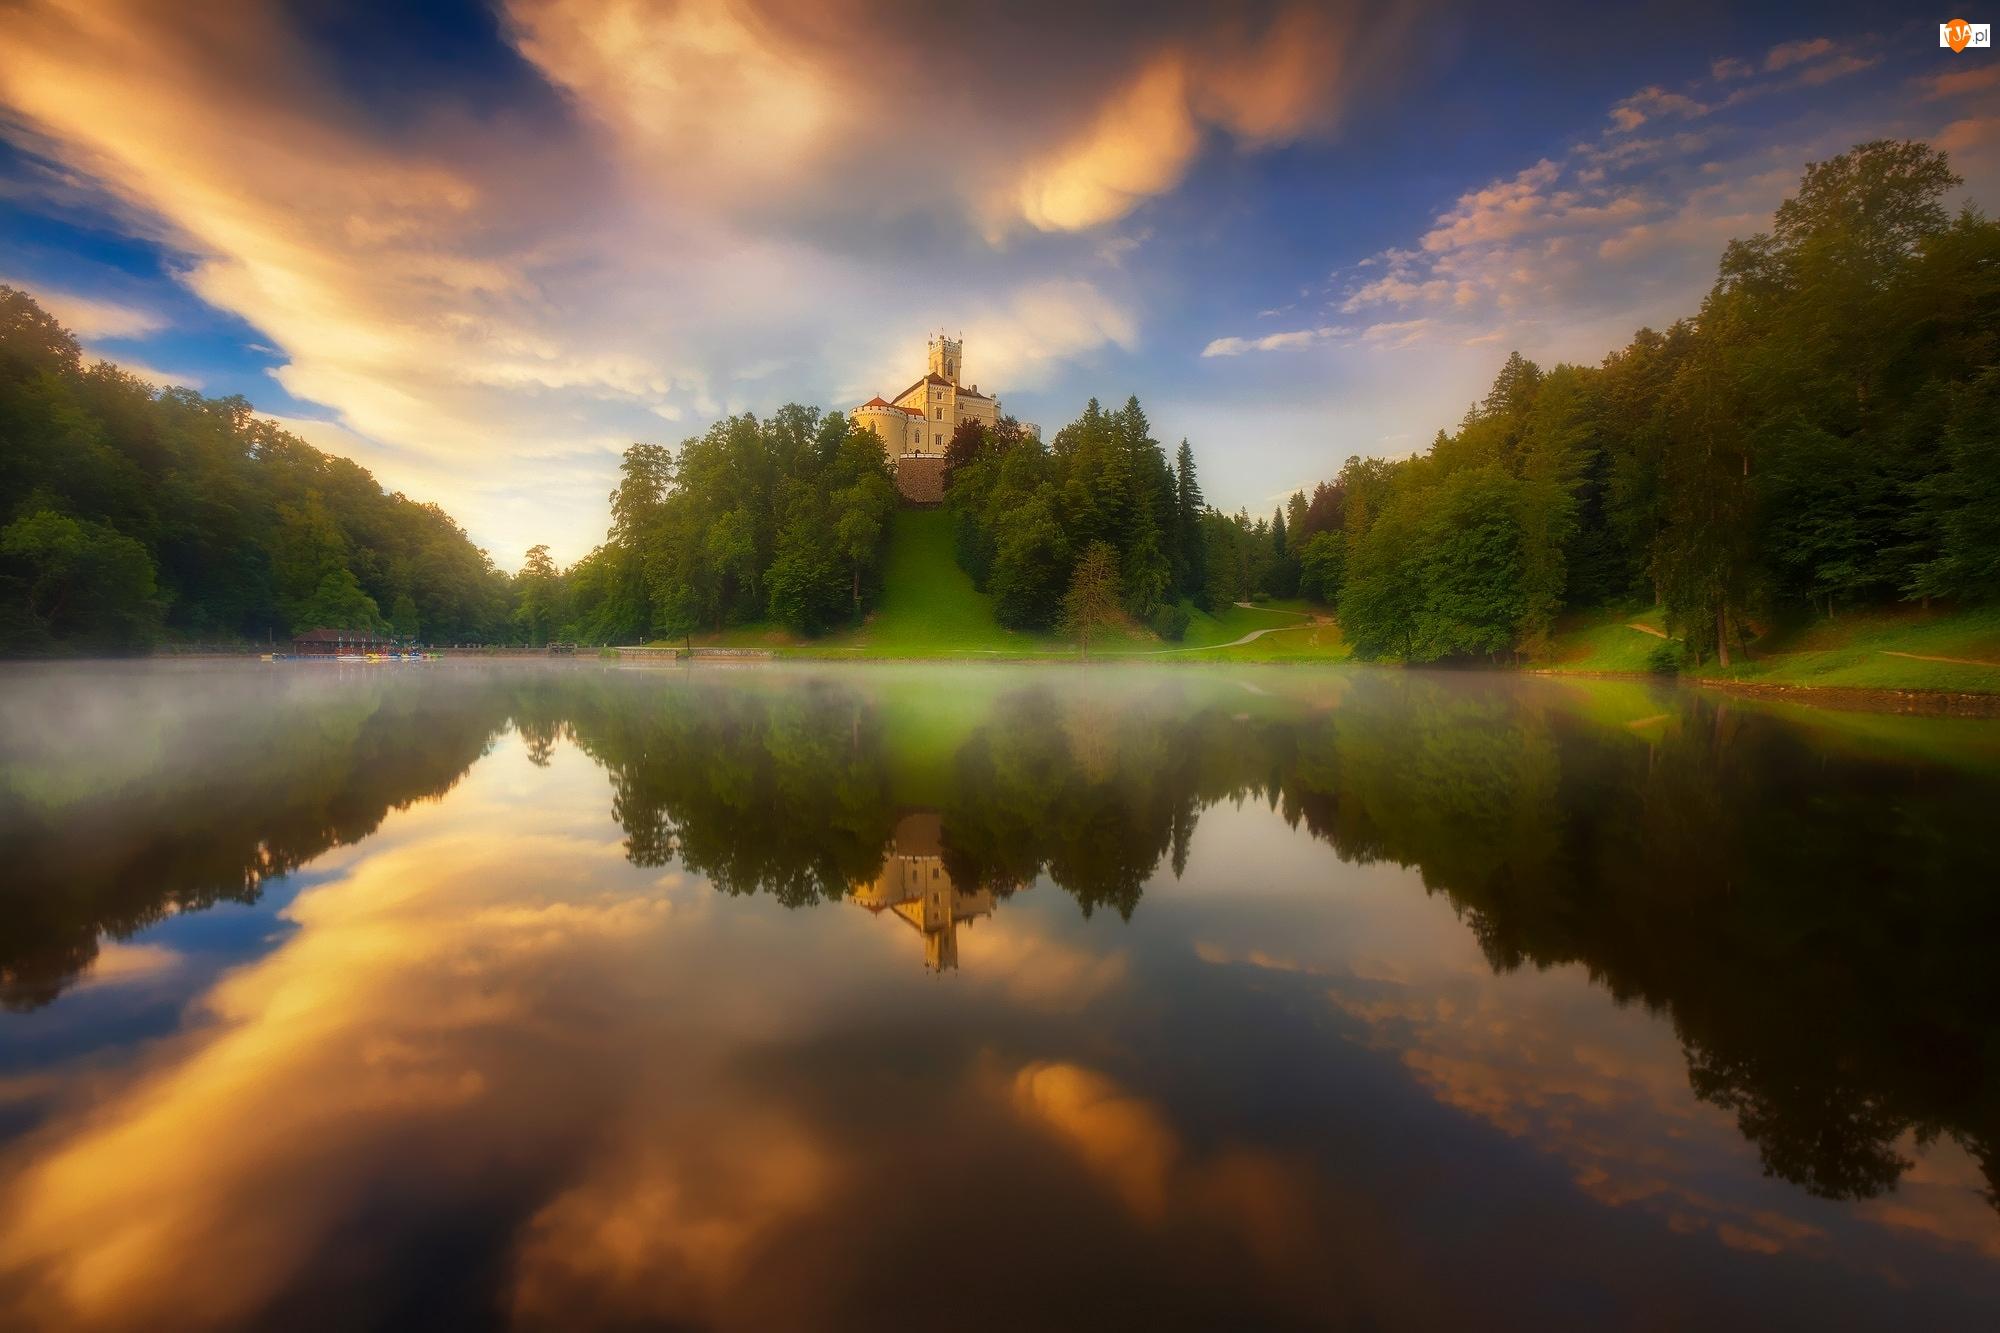 Jezioro, Drzewa, Chorwacja, Wzgórze, Odbicie, Chmury, Zamek Trakoscan